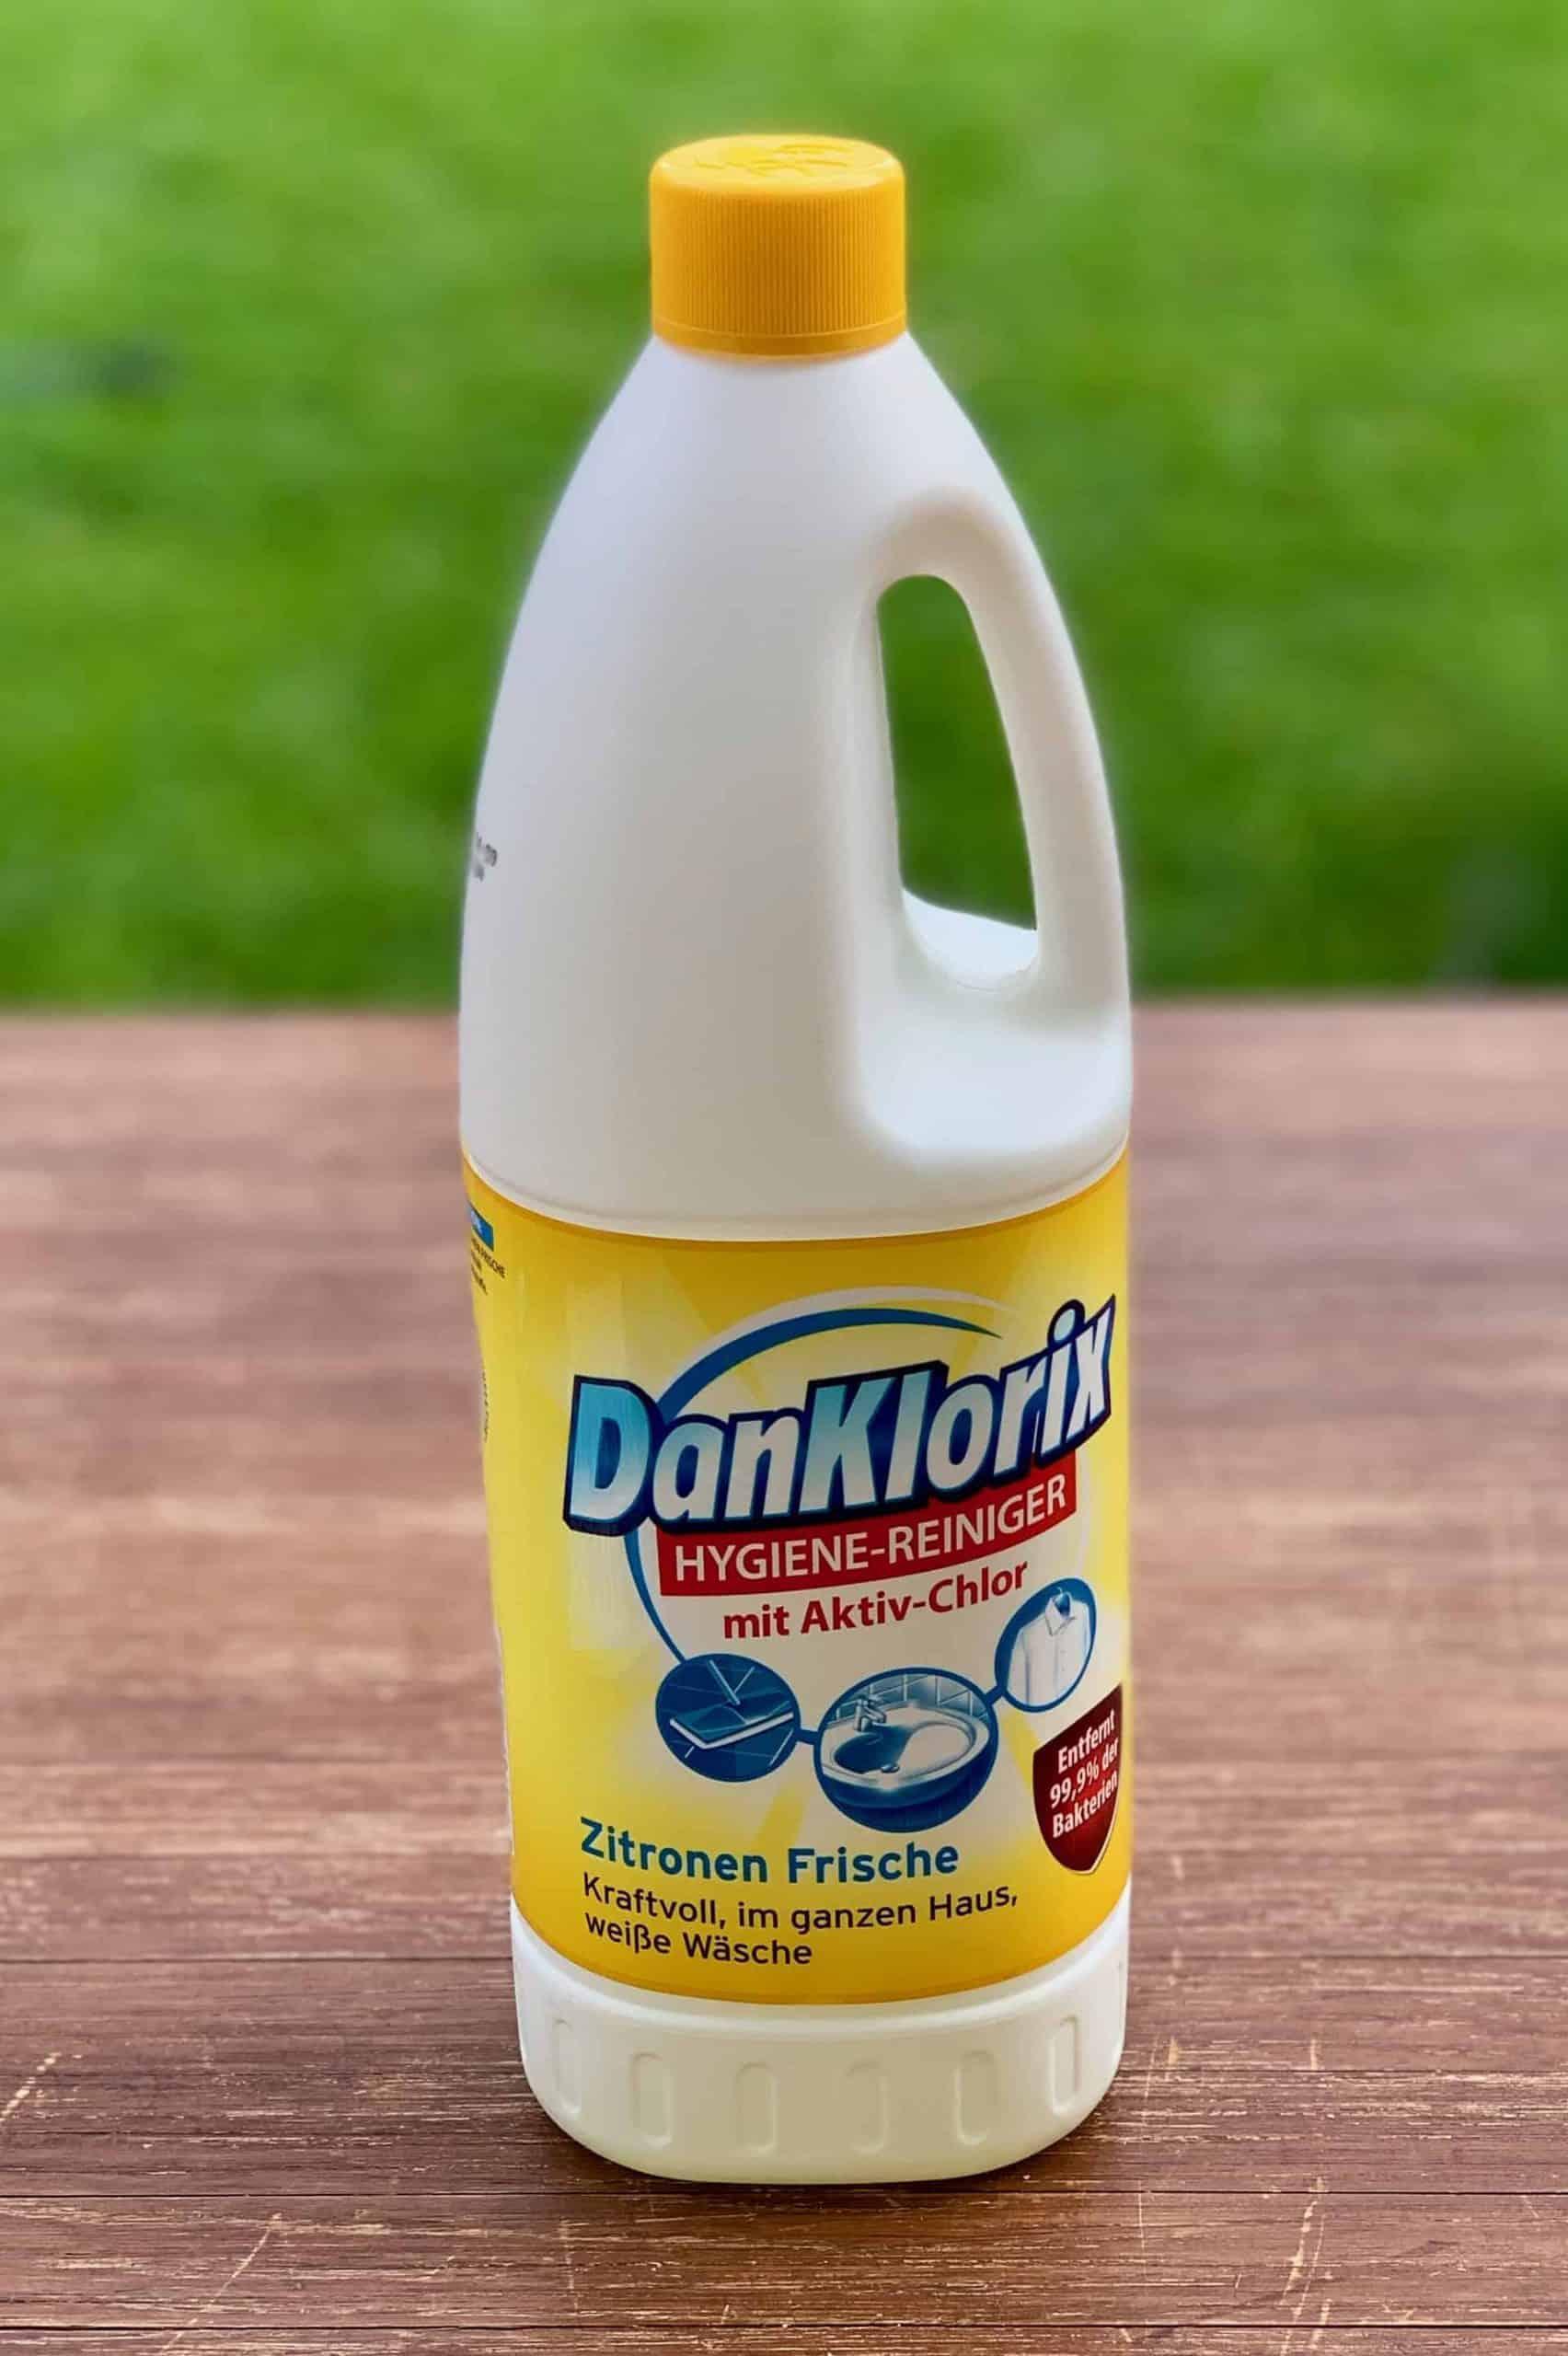 DanKlorix_Hygienereiniger_Aktiv_Chlor